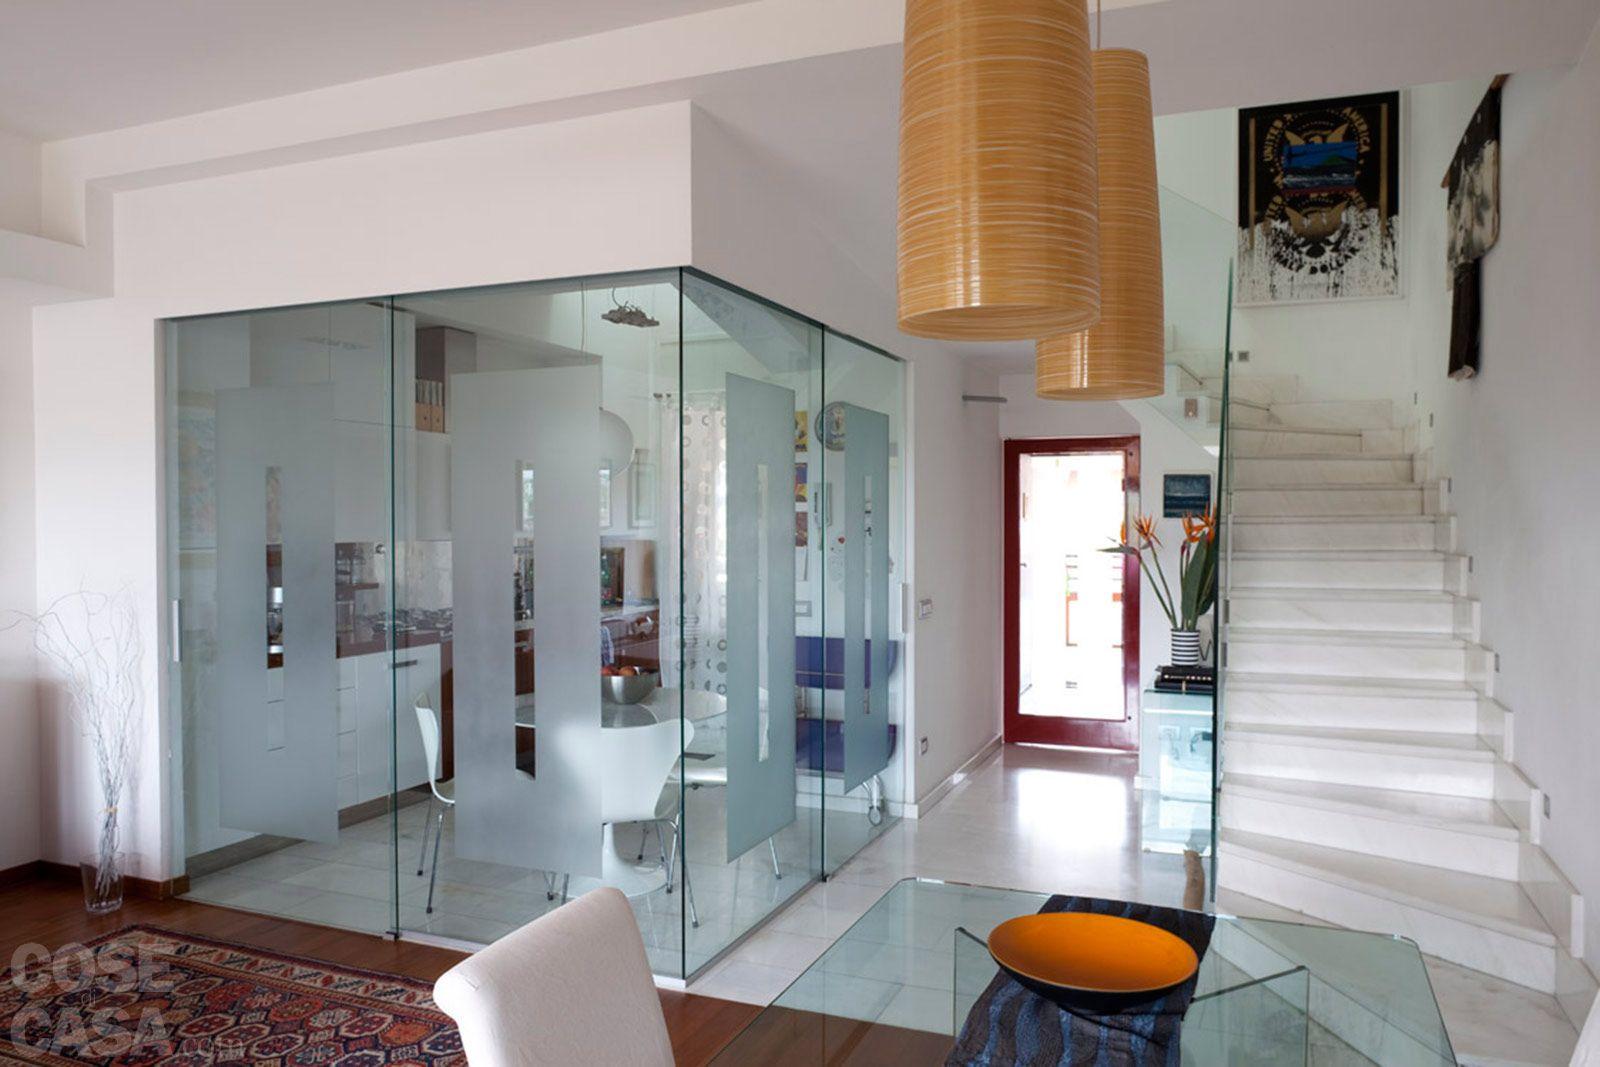 Una casa rinnovata nel look, con luce moltiplicata | Pinterest ...